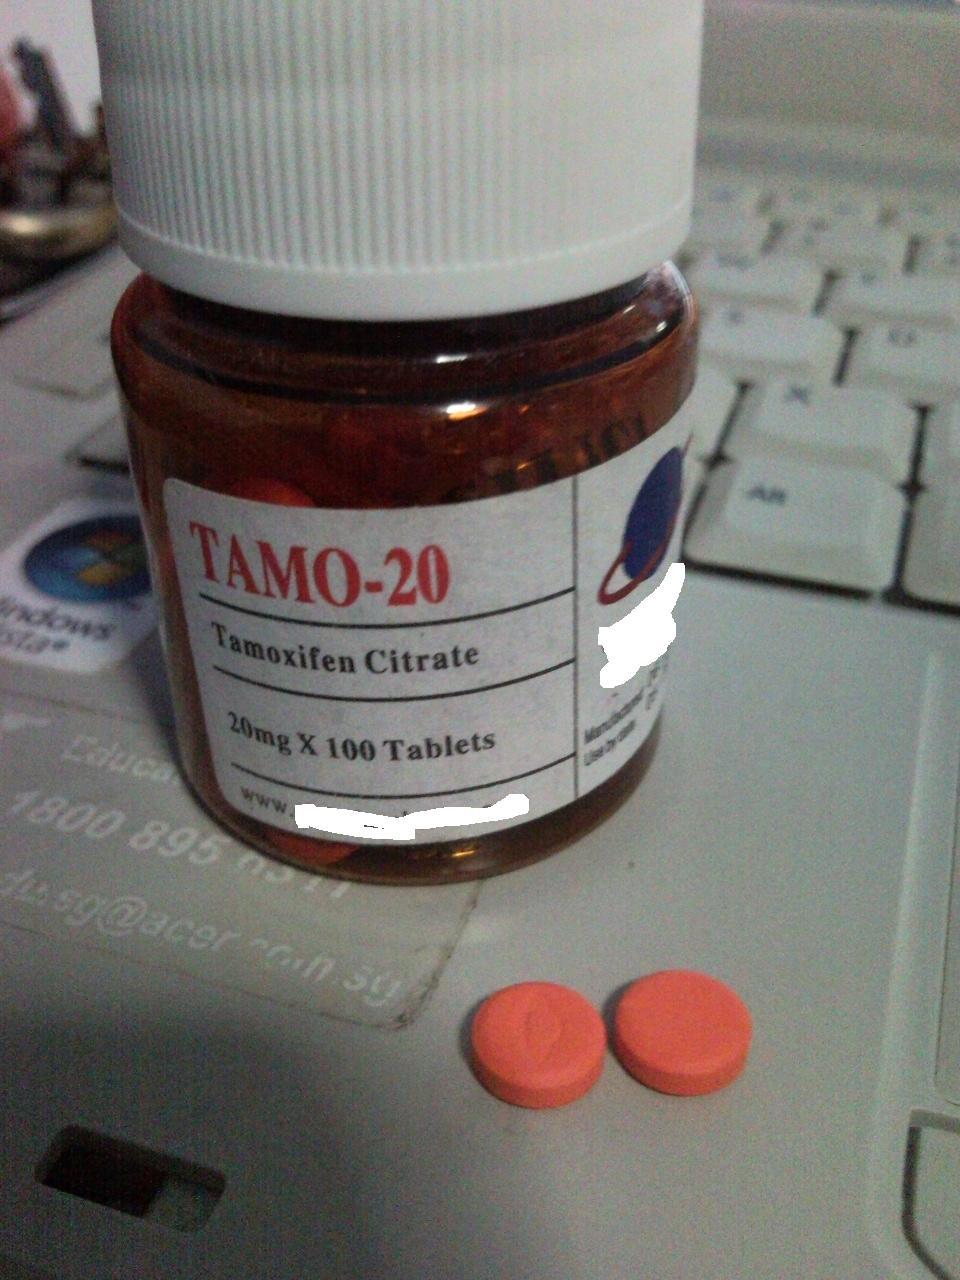 Tamoxifen krebserregend